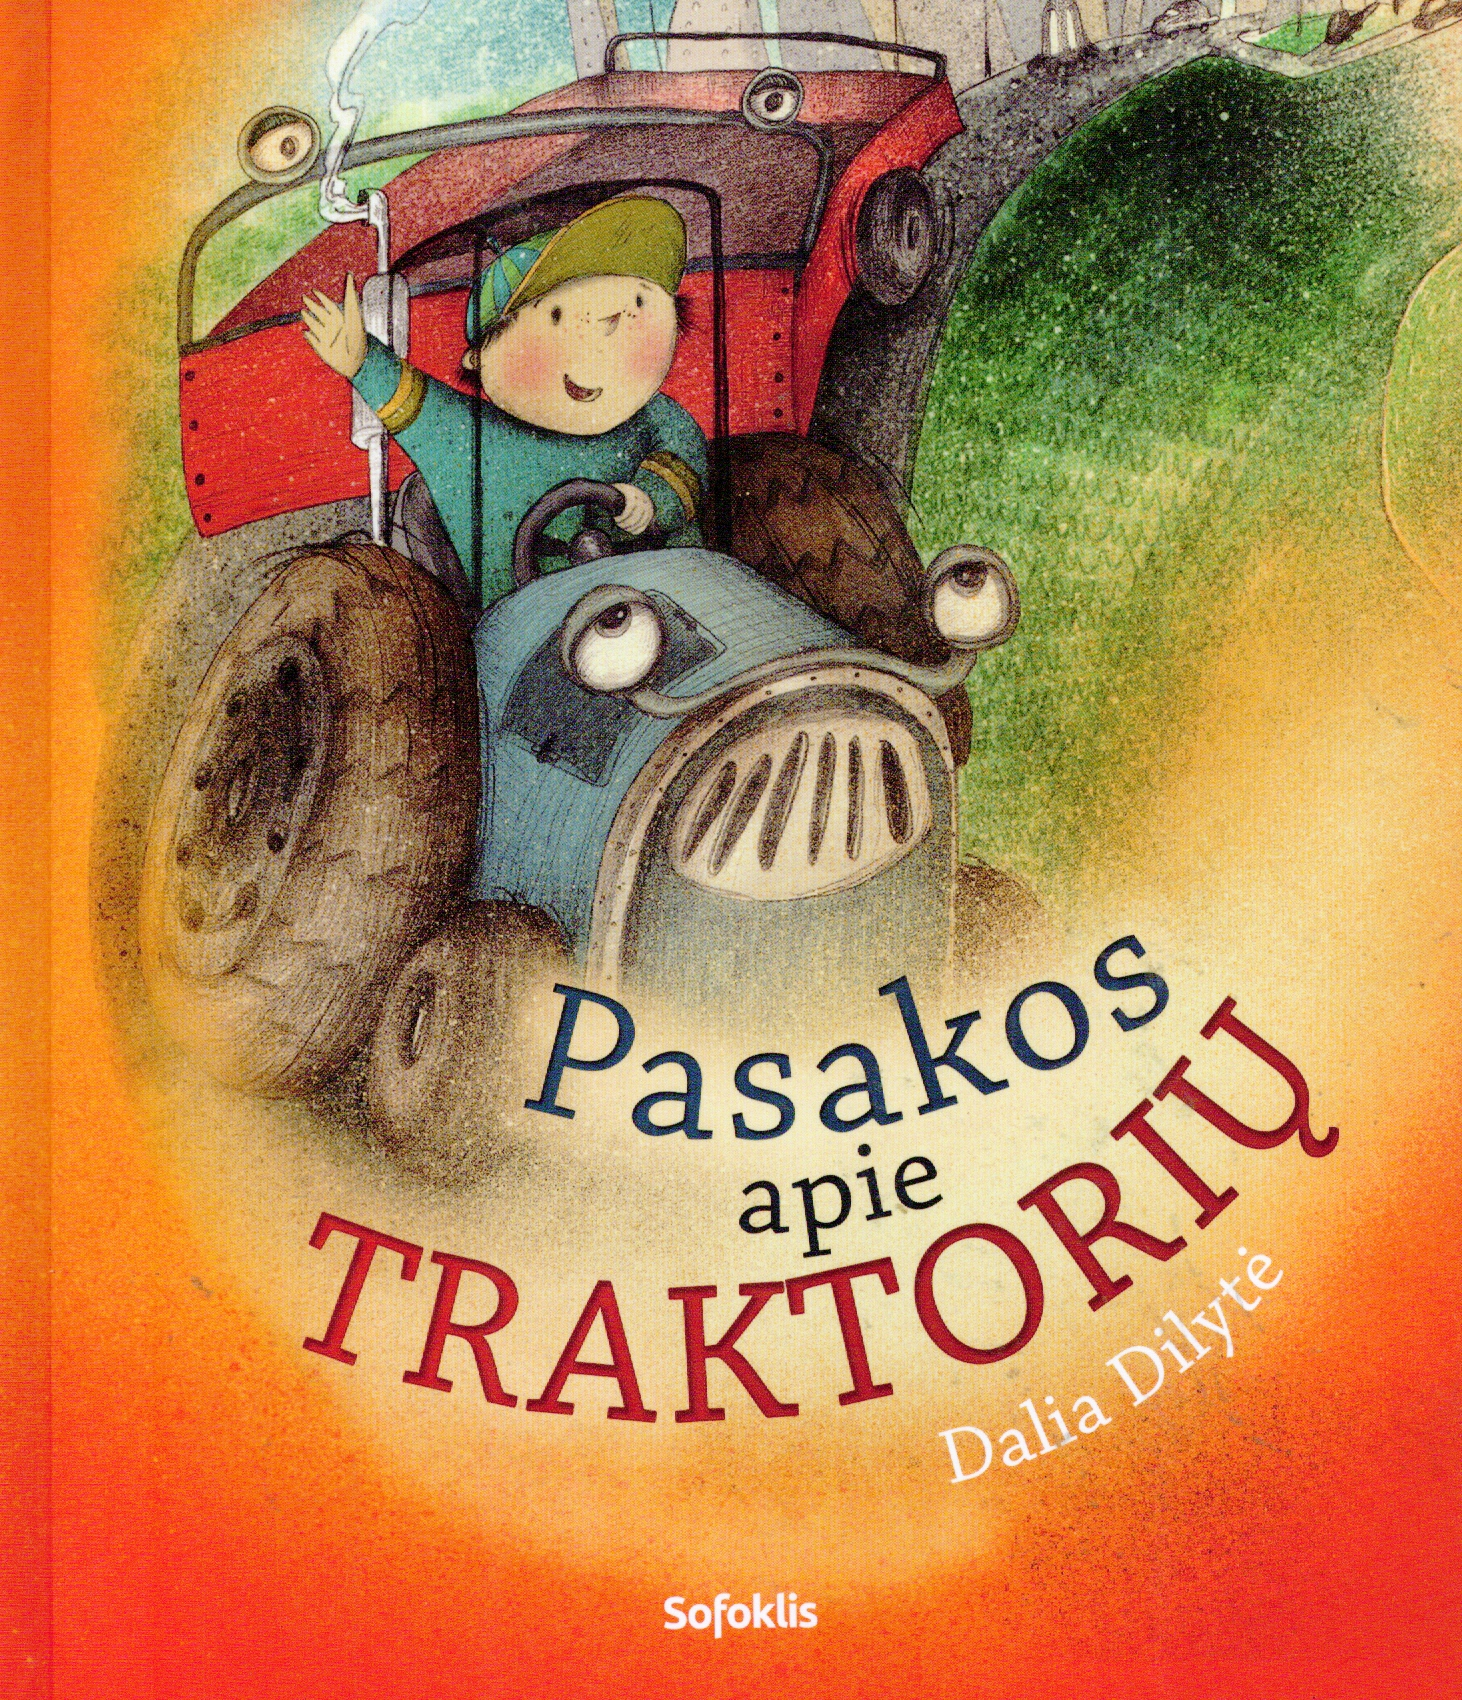 Pasakos apie traktorių